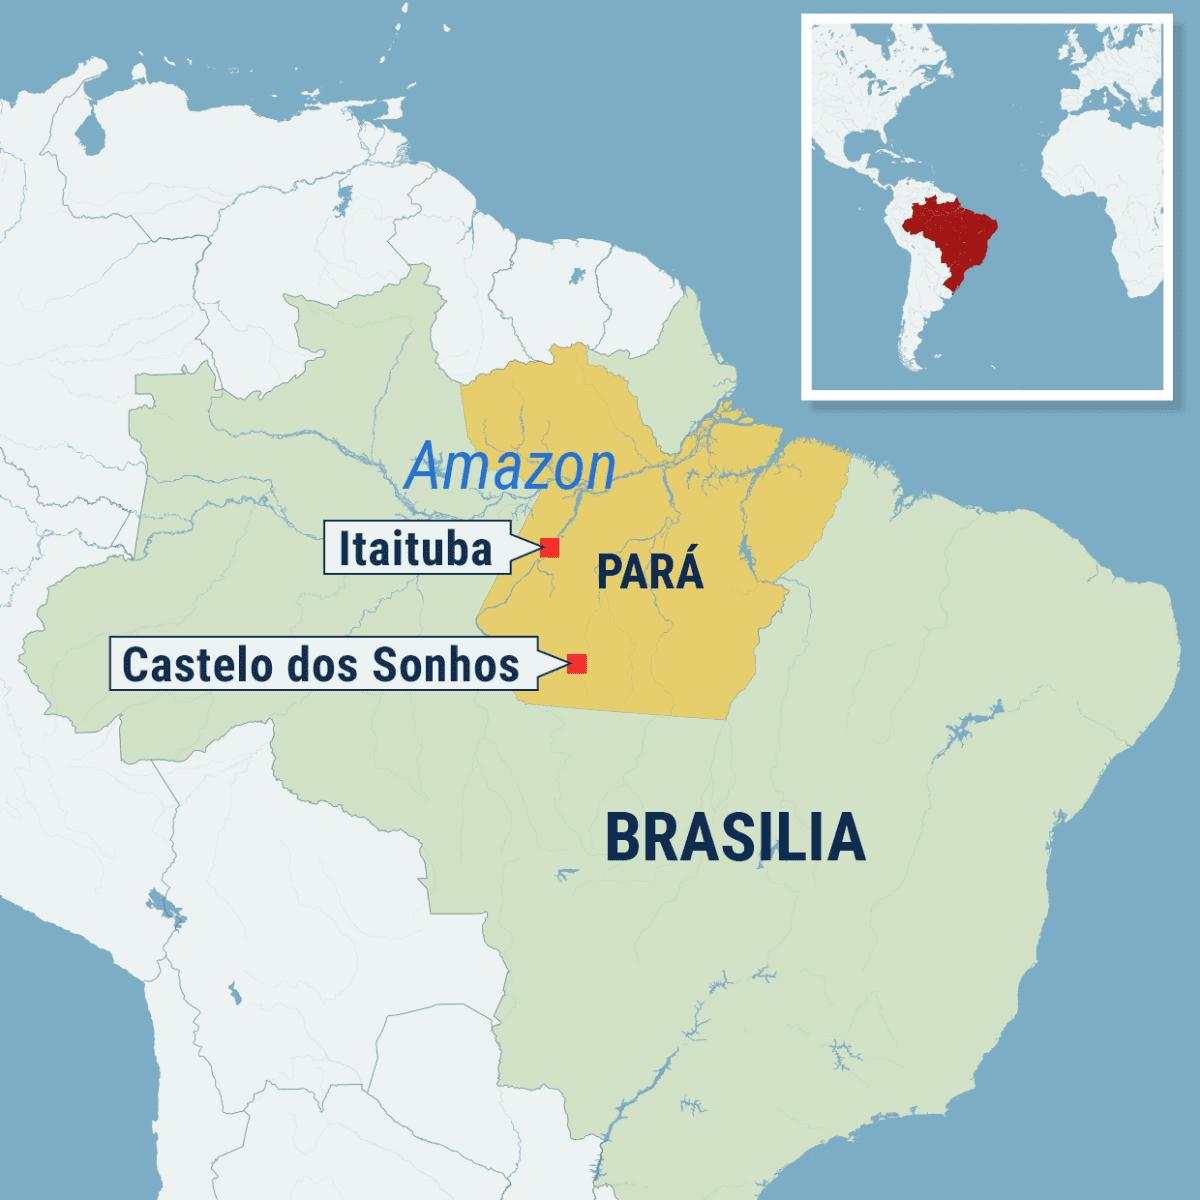 Kartta Amazonin alueelta Parán osavaltista Brasiliasta.